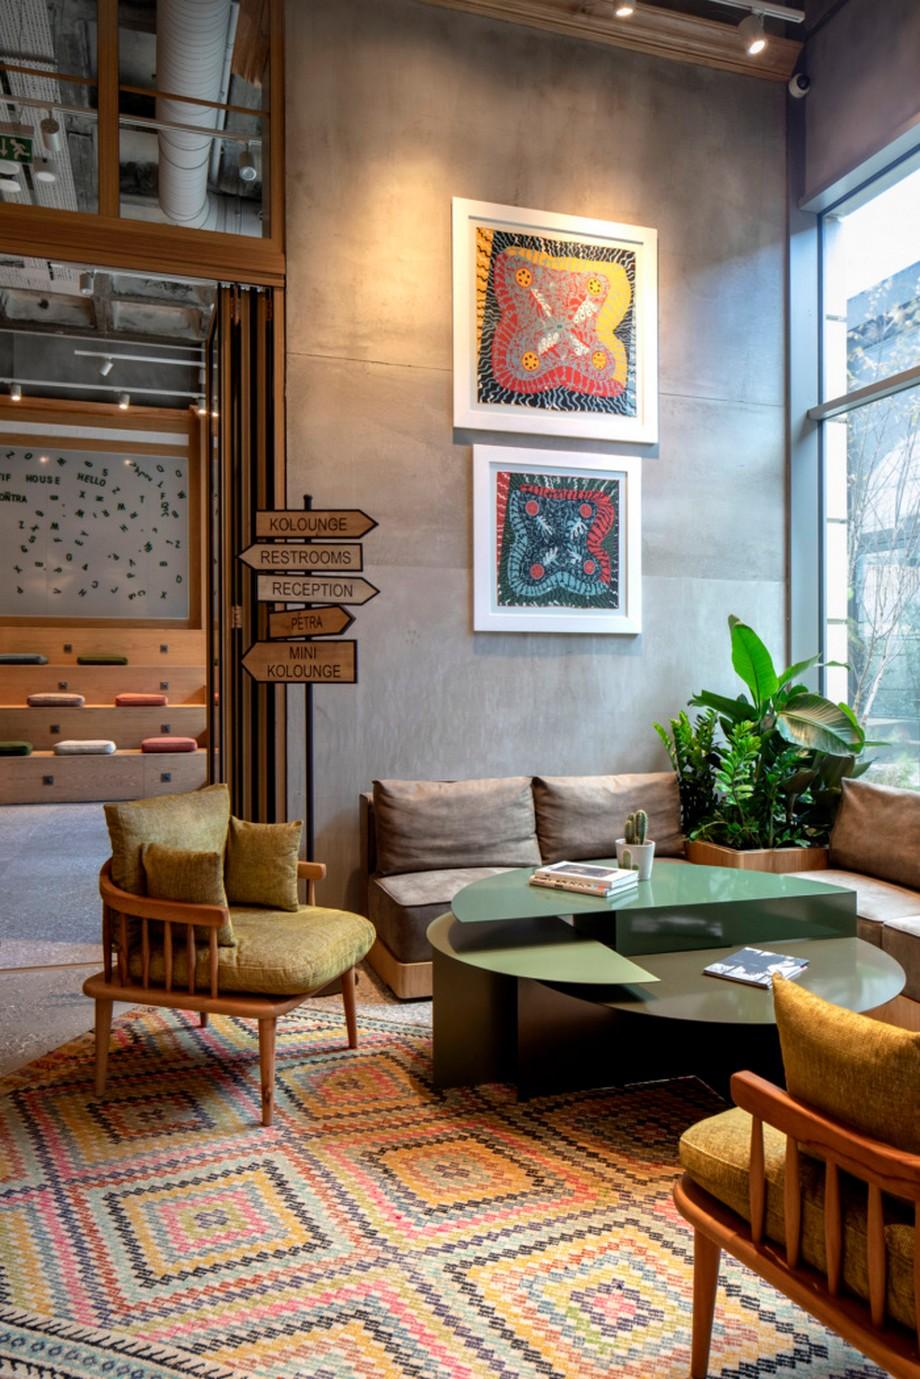 Cải tạo khách sạn thành văn phòng chia sẻ Kolektif House Coworking